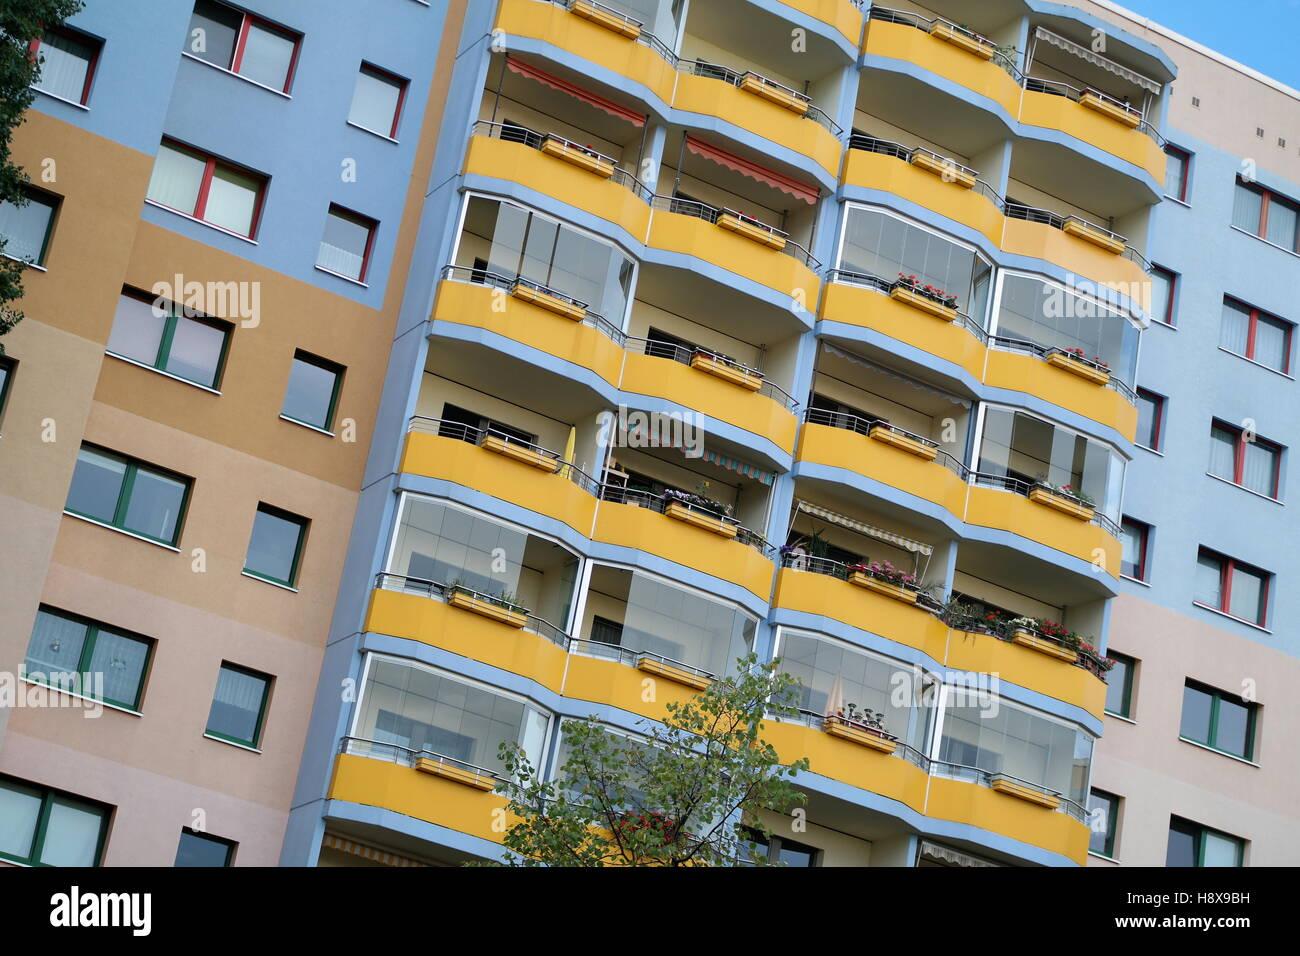 Hochhäuser an der Neustädter Havelbucht, Potsdam, Deutschland Stock Photo